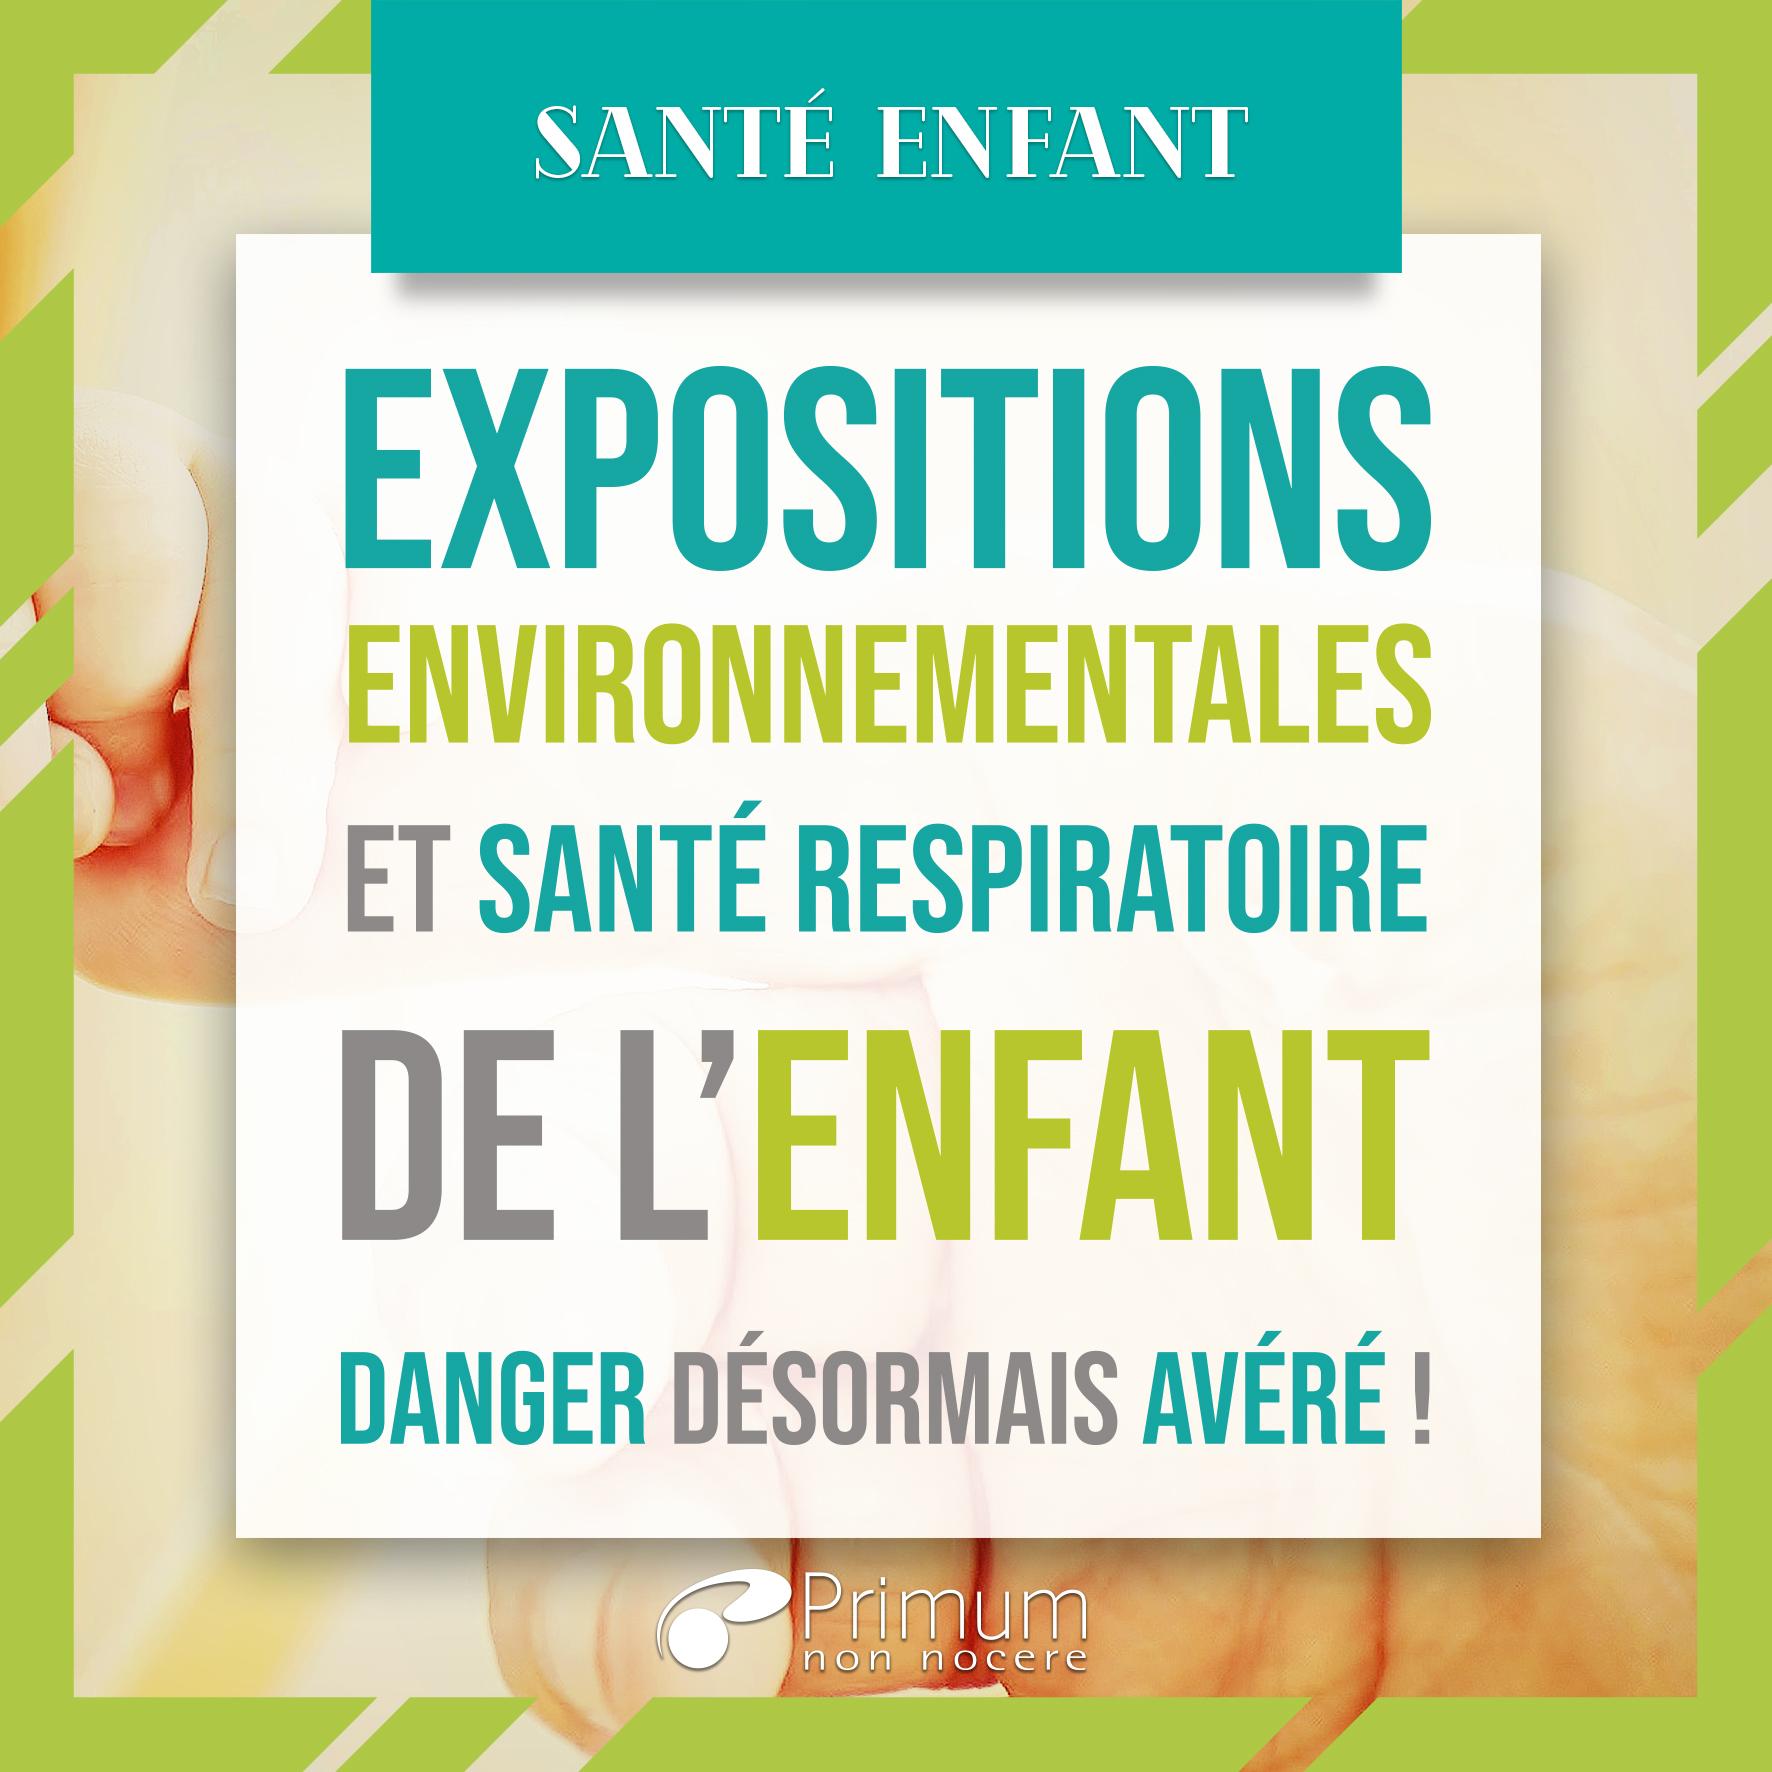 Expositions environnementales et santé respiratoire de l'enfant : danger désormais avéré !